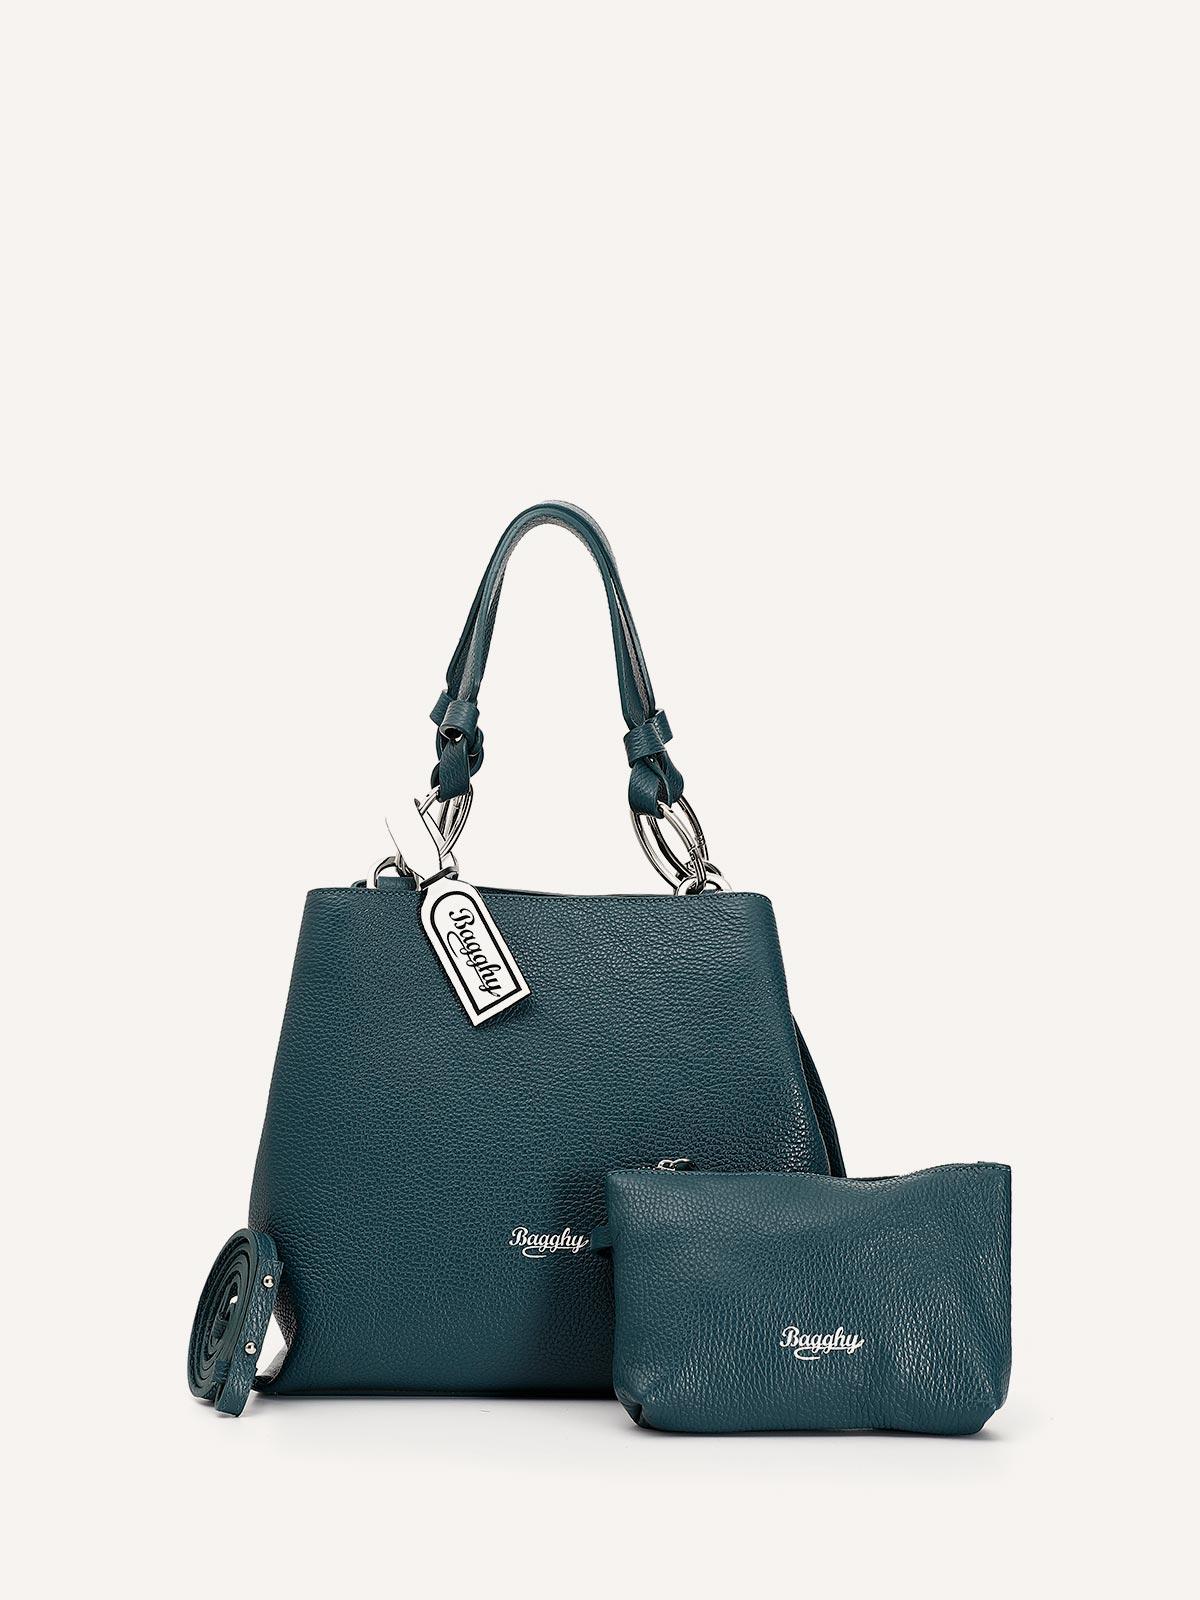 Gemma - Borsa blu petrolio firmata Bagghy Style